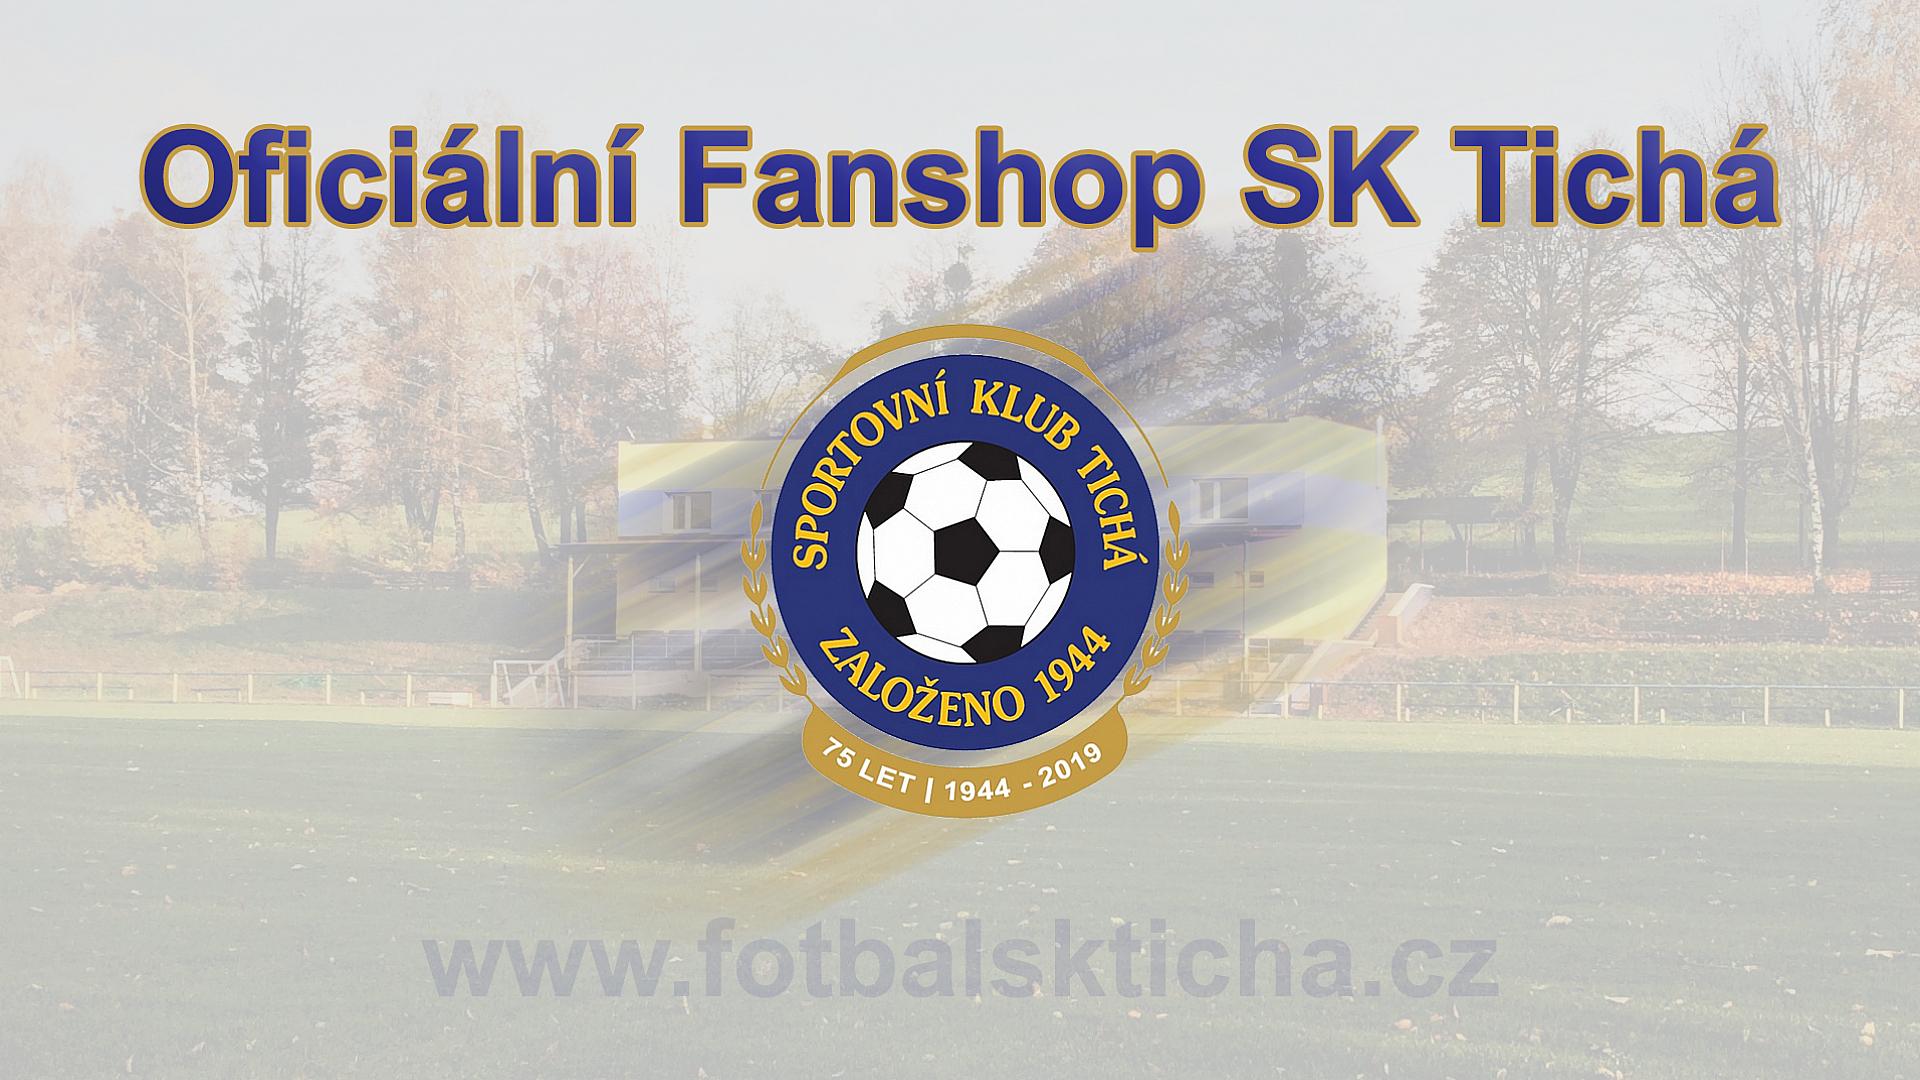 FANS SK TICHÁ - OBCHOD - Fans Shop SK Tichá